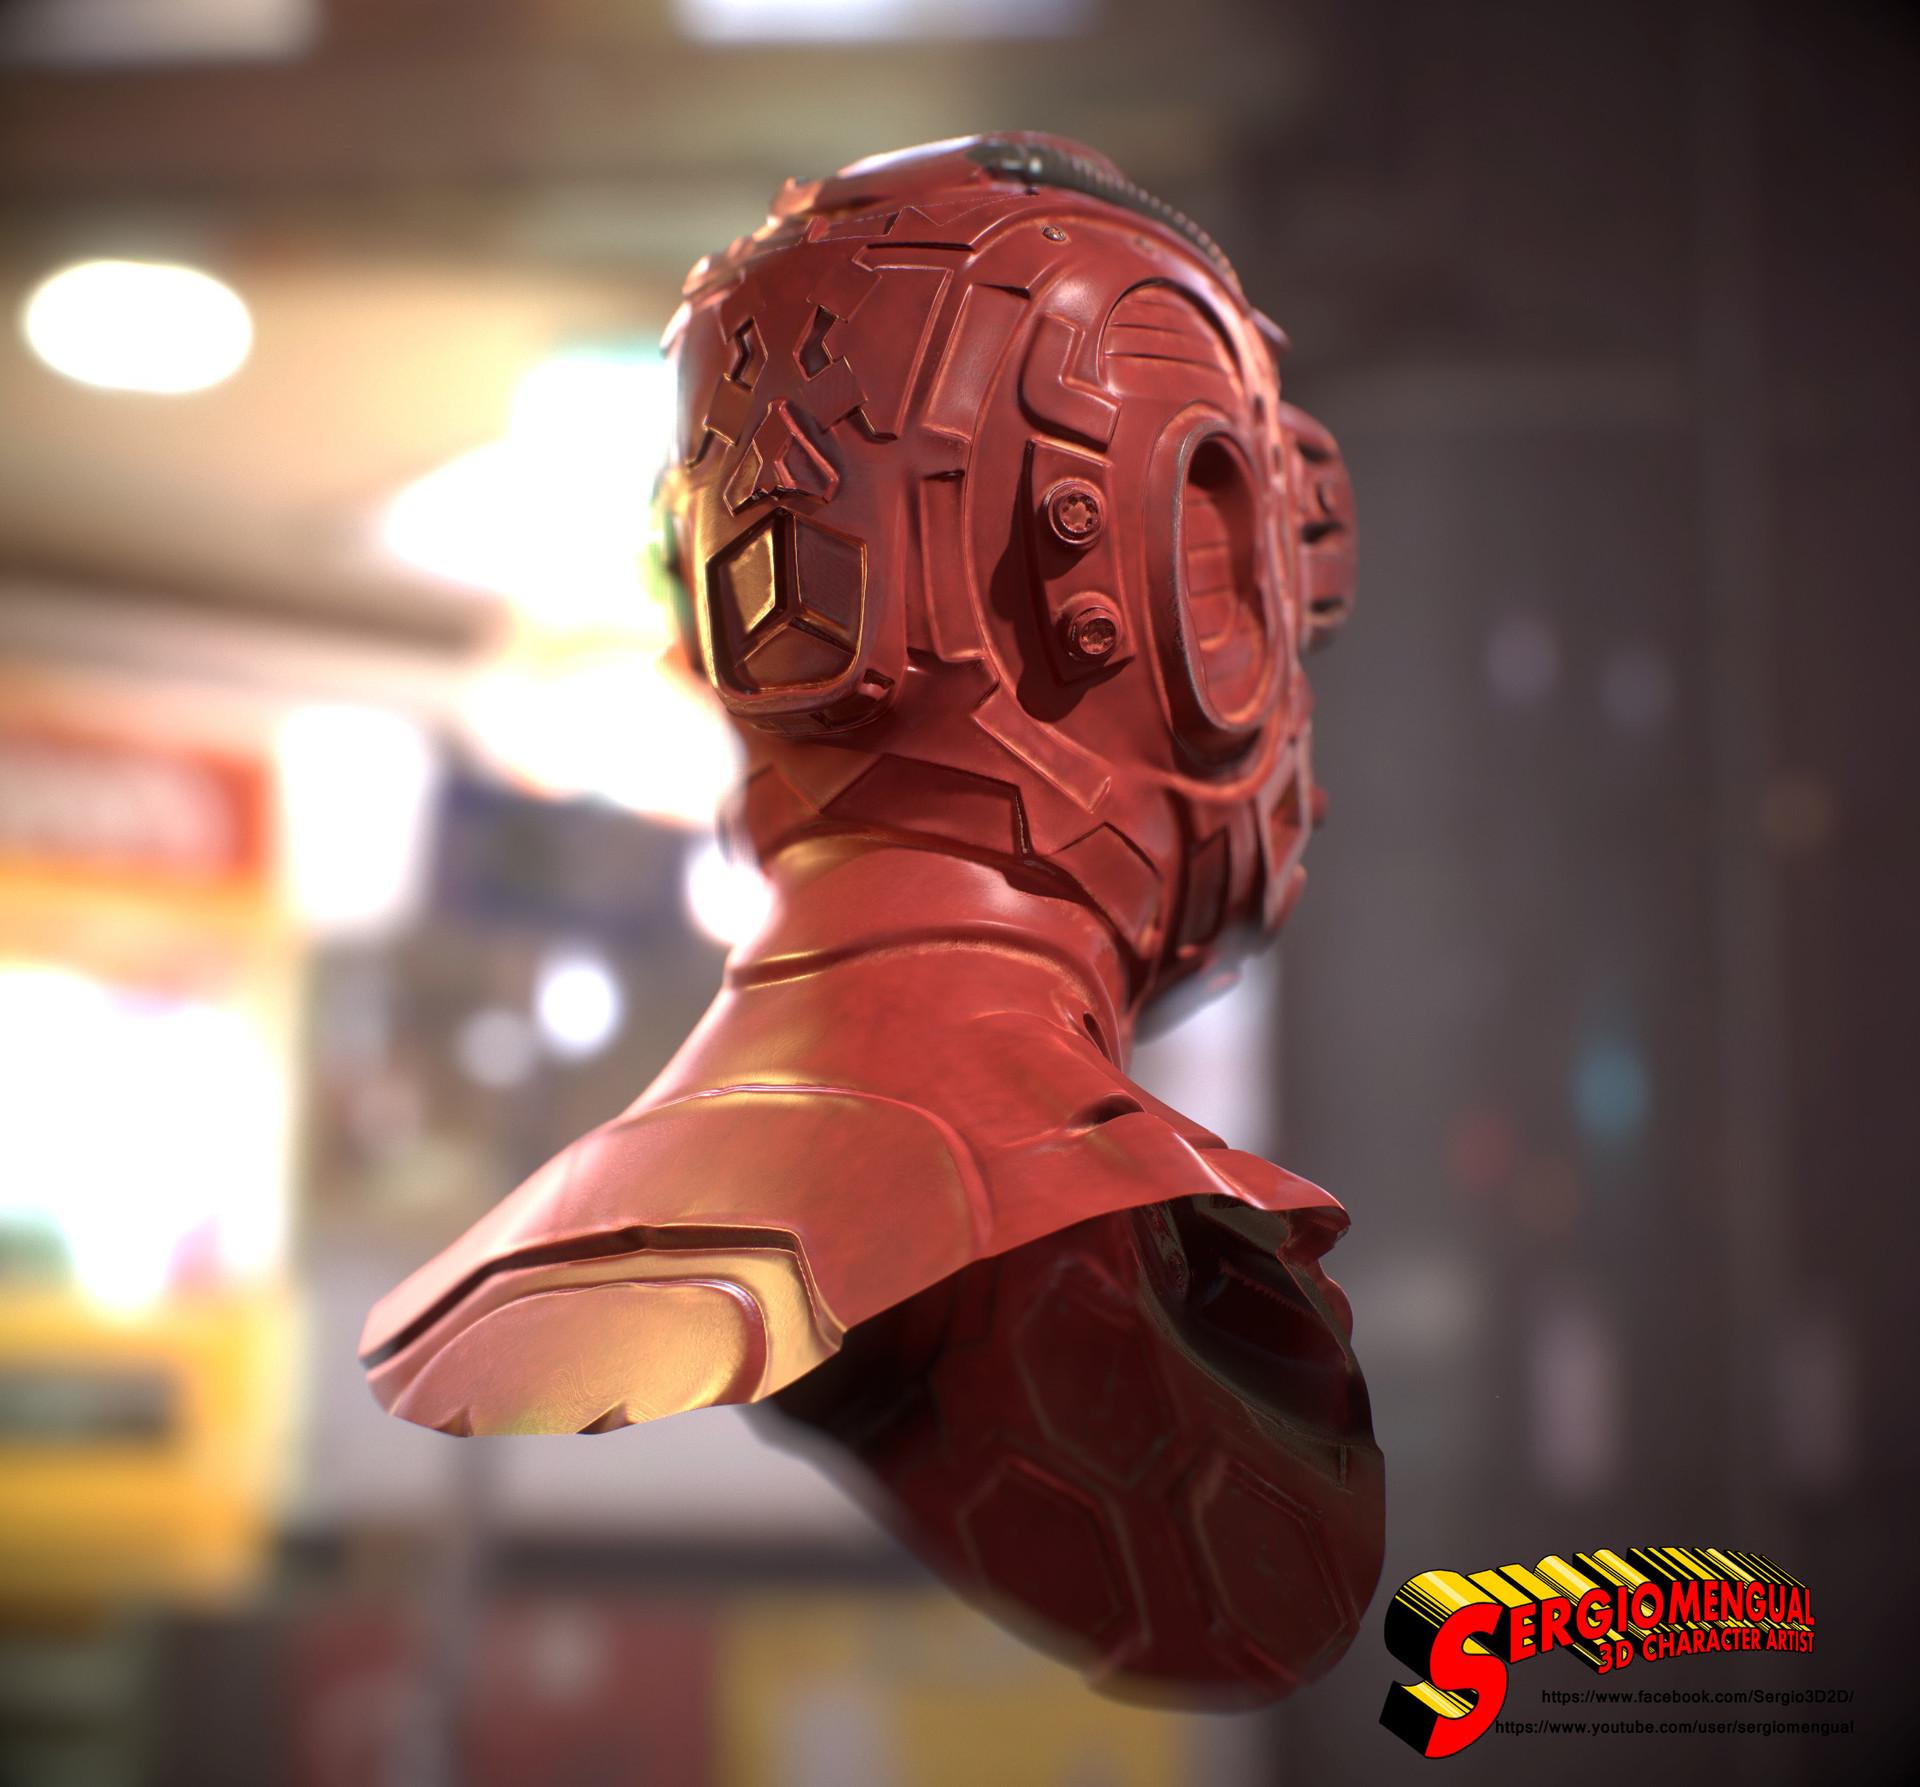 Sergio gabriel mengual cyborg publish3